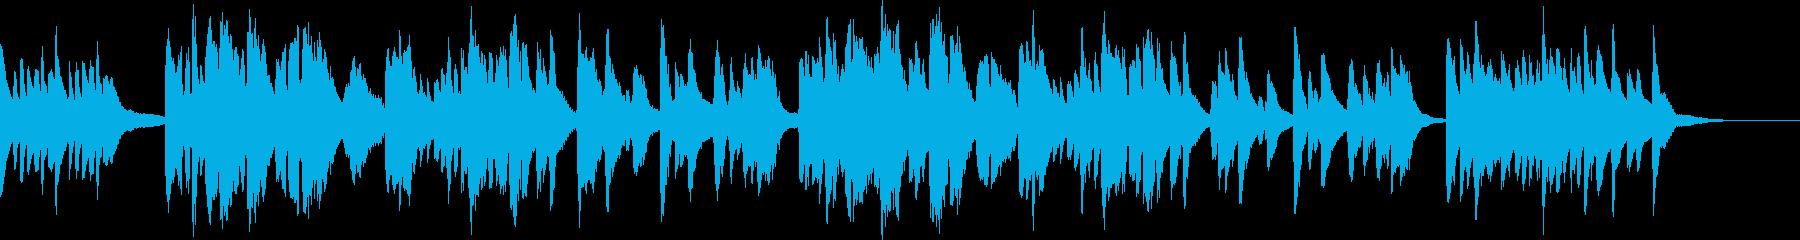 「熊本・天草地方の子守唄」ハープ弾き語りの再生済みの波形